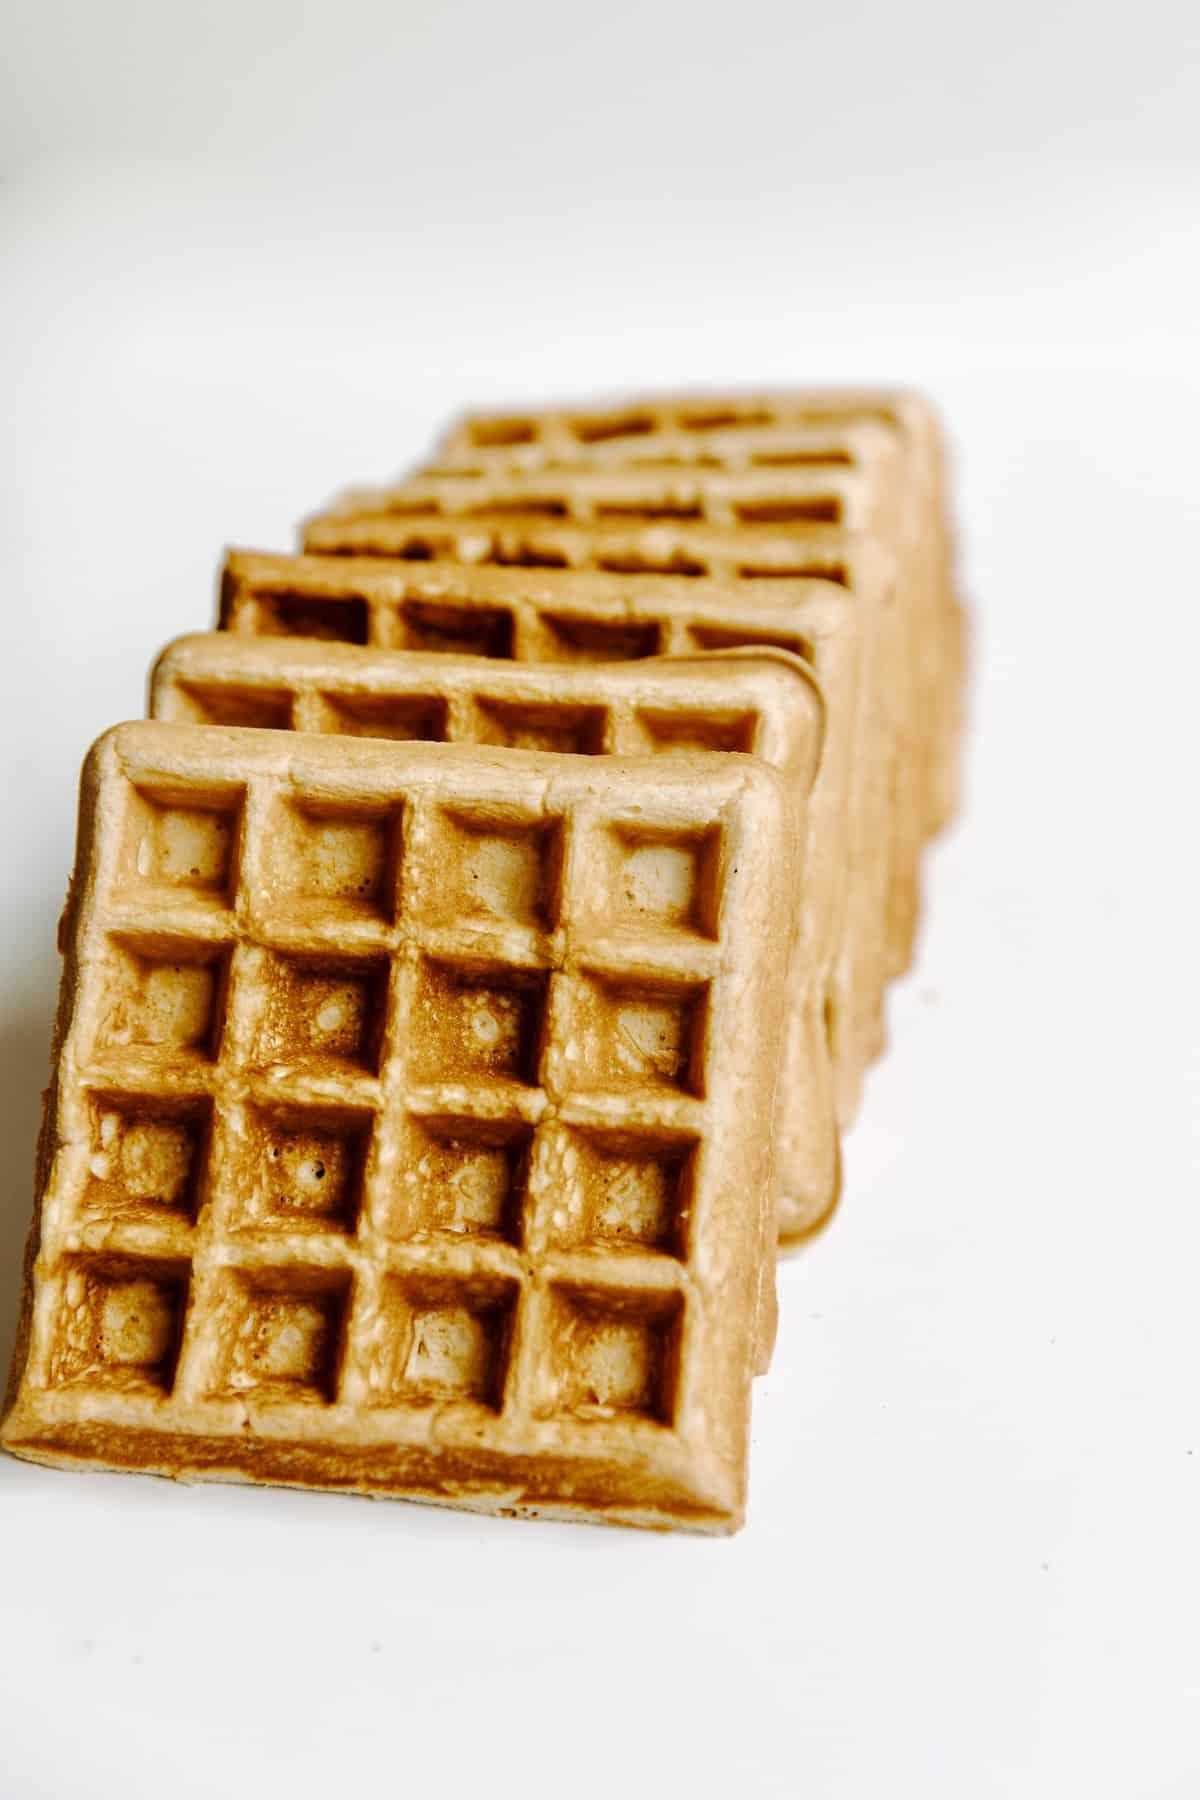 Classic Crispy Waffles